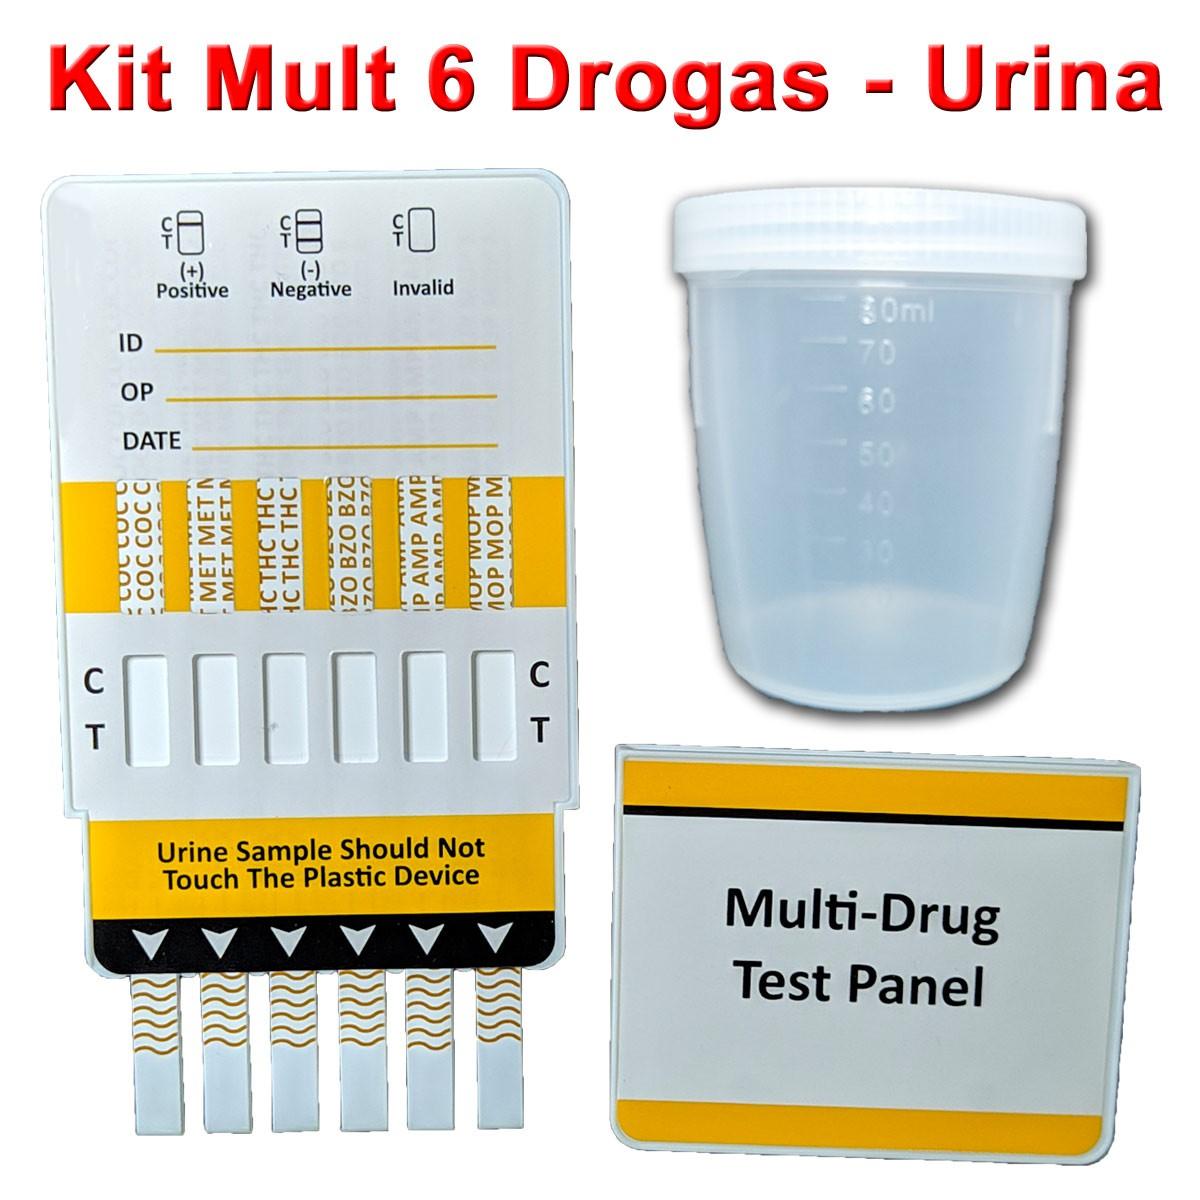 10 Kits Para Testes Mult 6  - Testes Para COVID e Drogas. Máscaras Descartáveis e Suplementos e Anti Tabaco